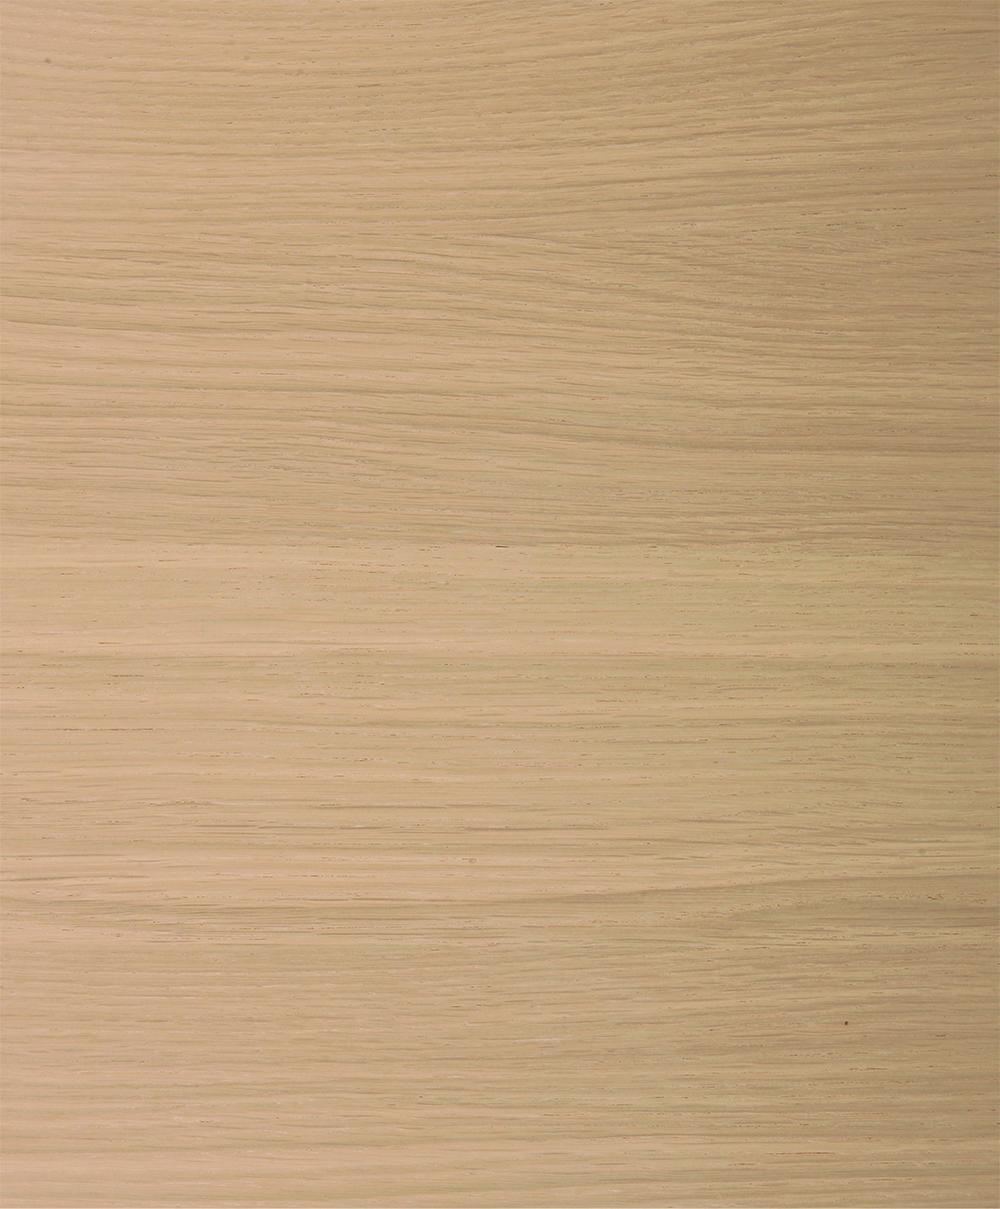 bleached oak stained veneer_CMYK.jpg